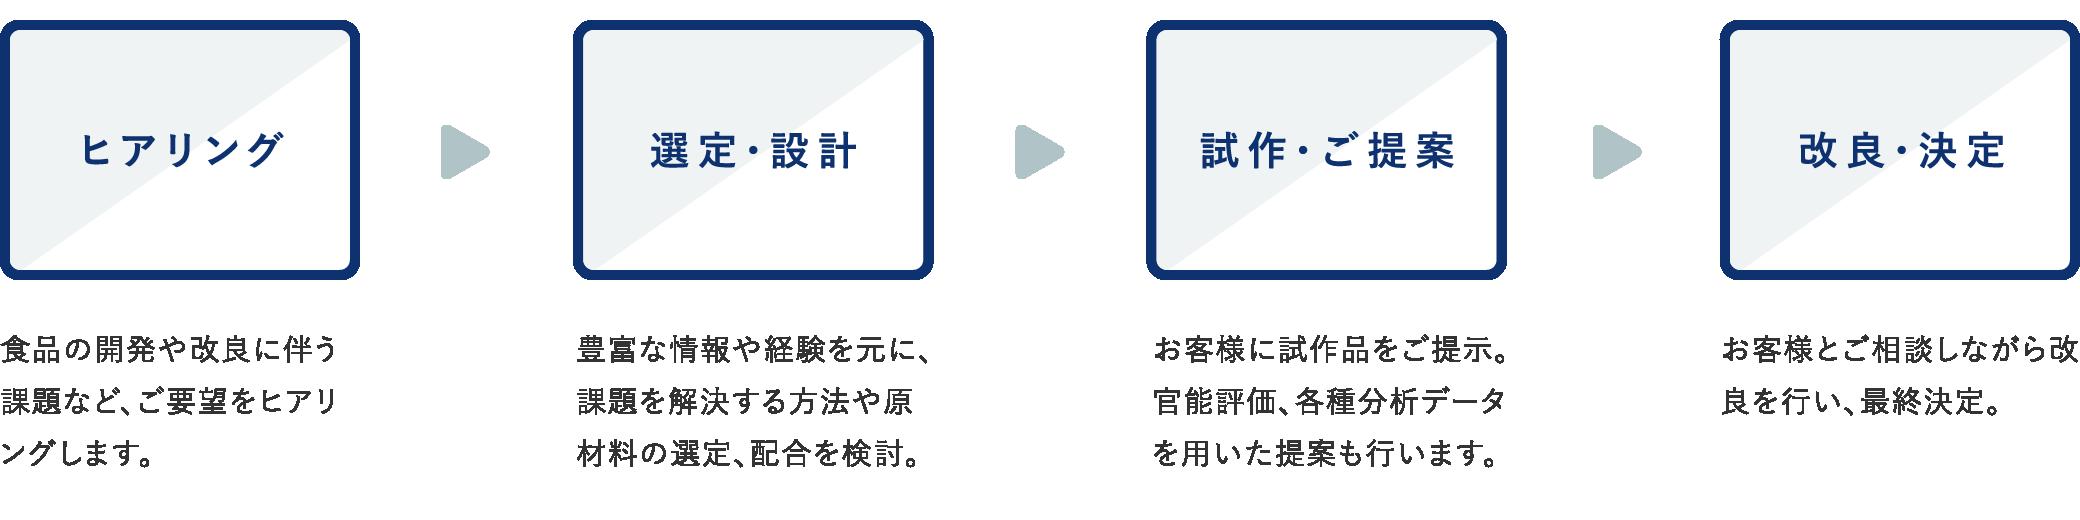 ヒアリング、選定・設計、試作・ご提案、改良・決定という流れです。ヒアリングは食品の開発や改良に伴う課題など、ご要望をヒアリングします。選定・設計は豊富な情報や経験を元に、課題を解決する方法や原材料の選定、配合を検討。試作・ご提案はお客様に試作品をご提示。官能評価、各種分析データを用いた提案も行います。改良・決定はお客様とご相談しながら改良を行い、最終決定。